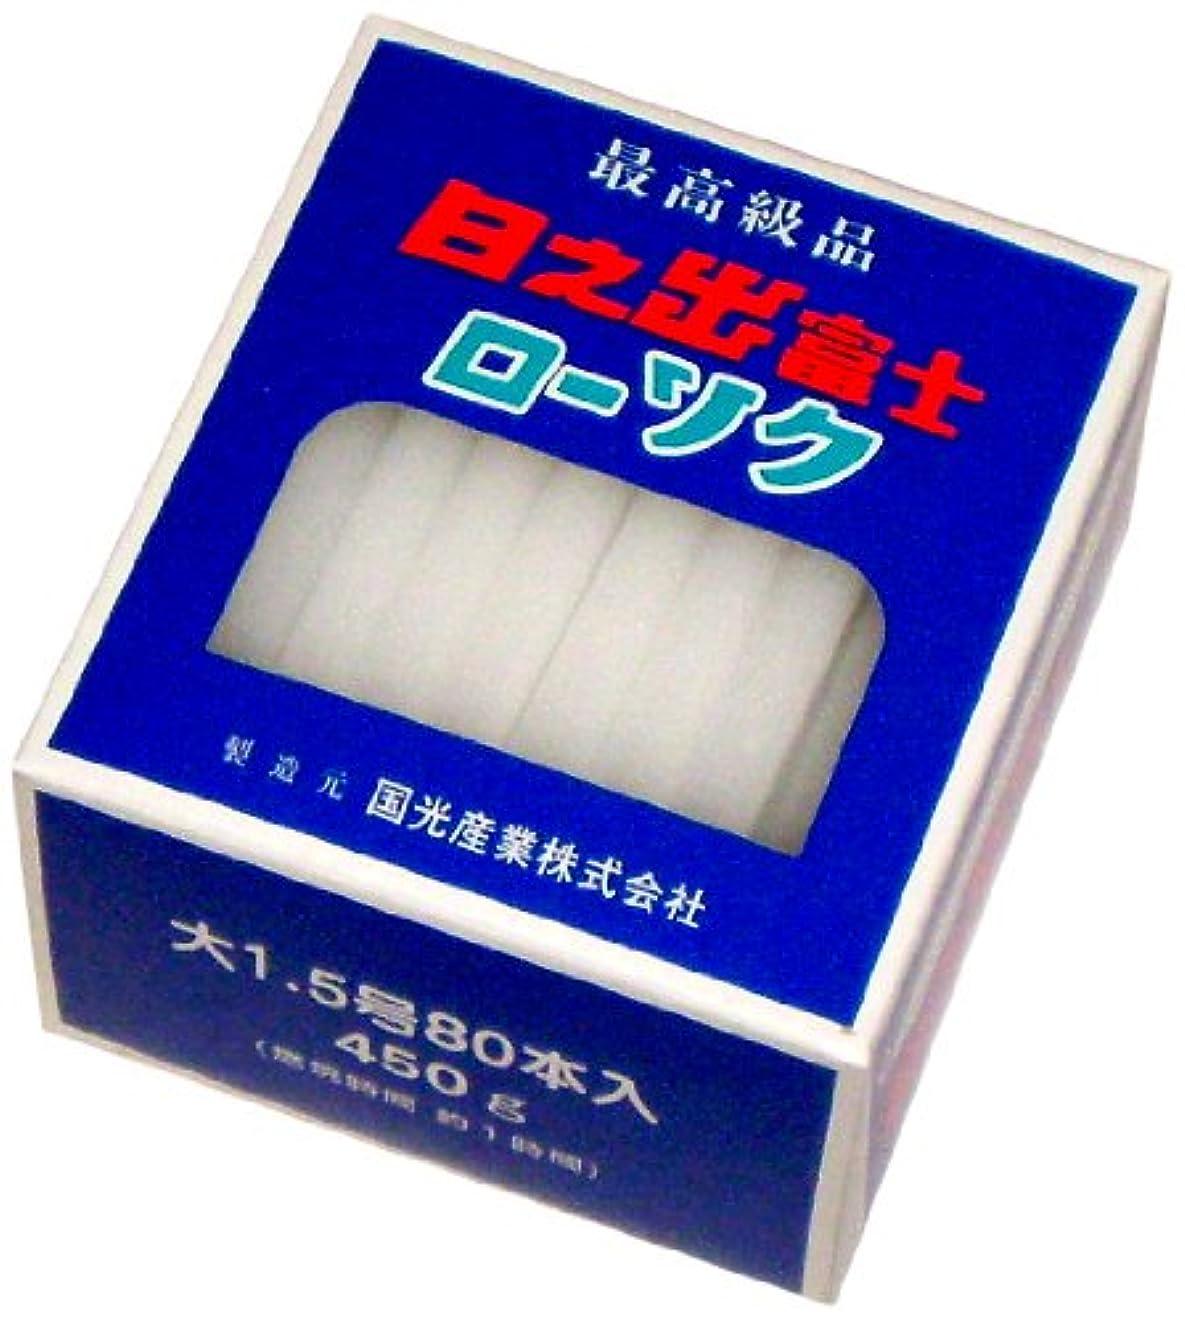 ギャップかなりのより多い国光産業の日之出富士ローソク 1.5号80本入 450g